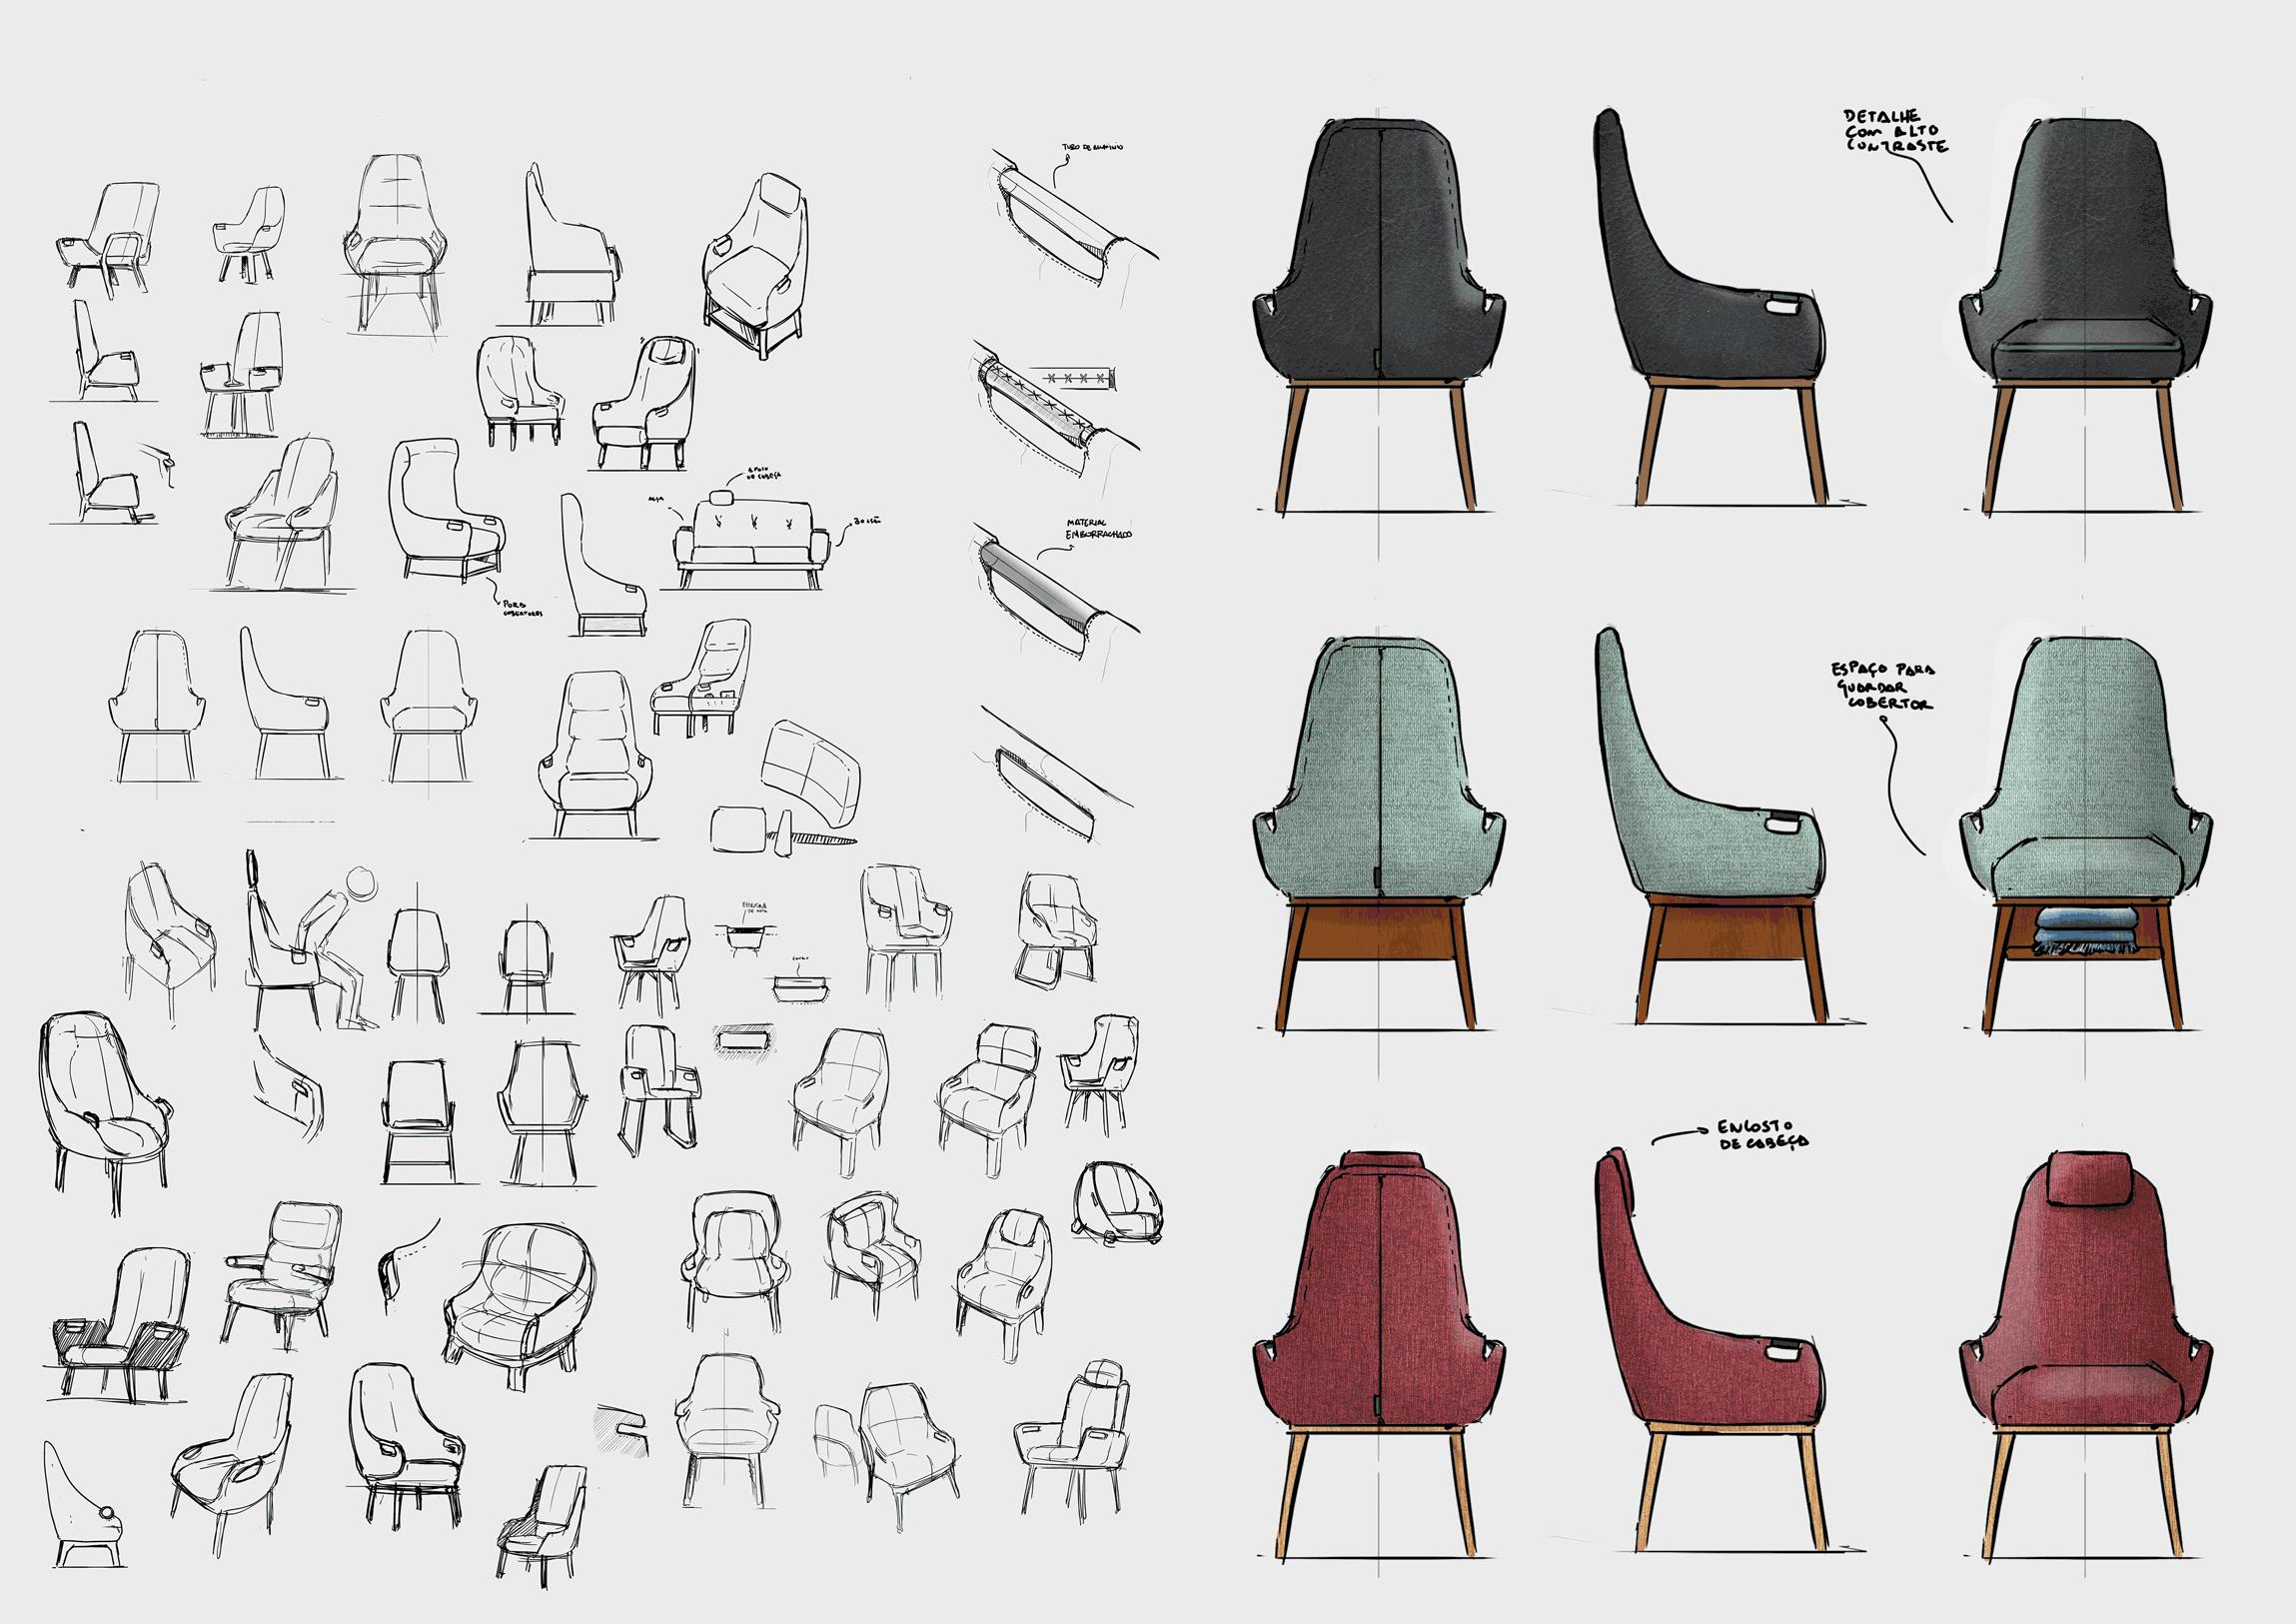 odc_cadeira_sketches_04-1